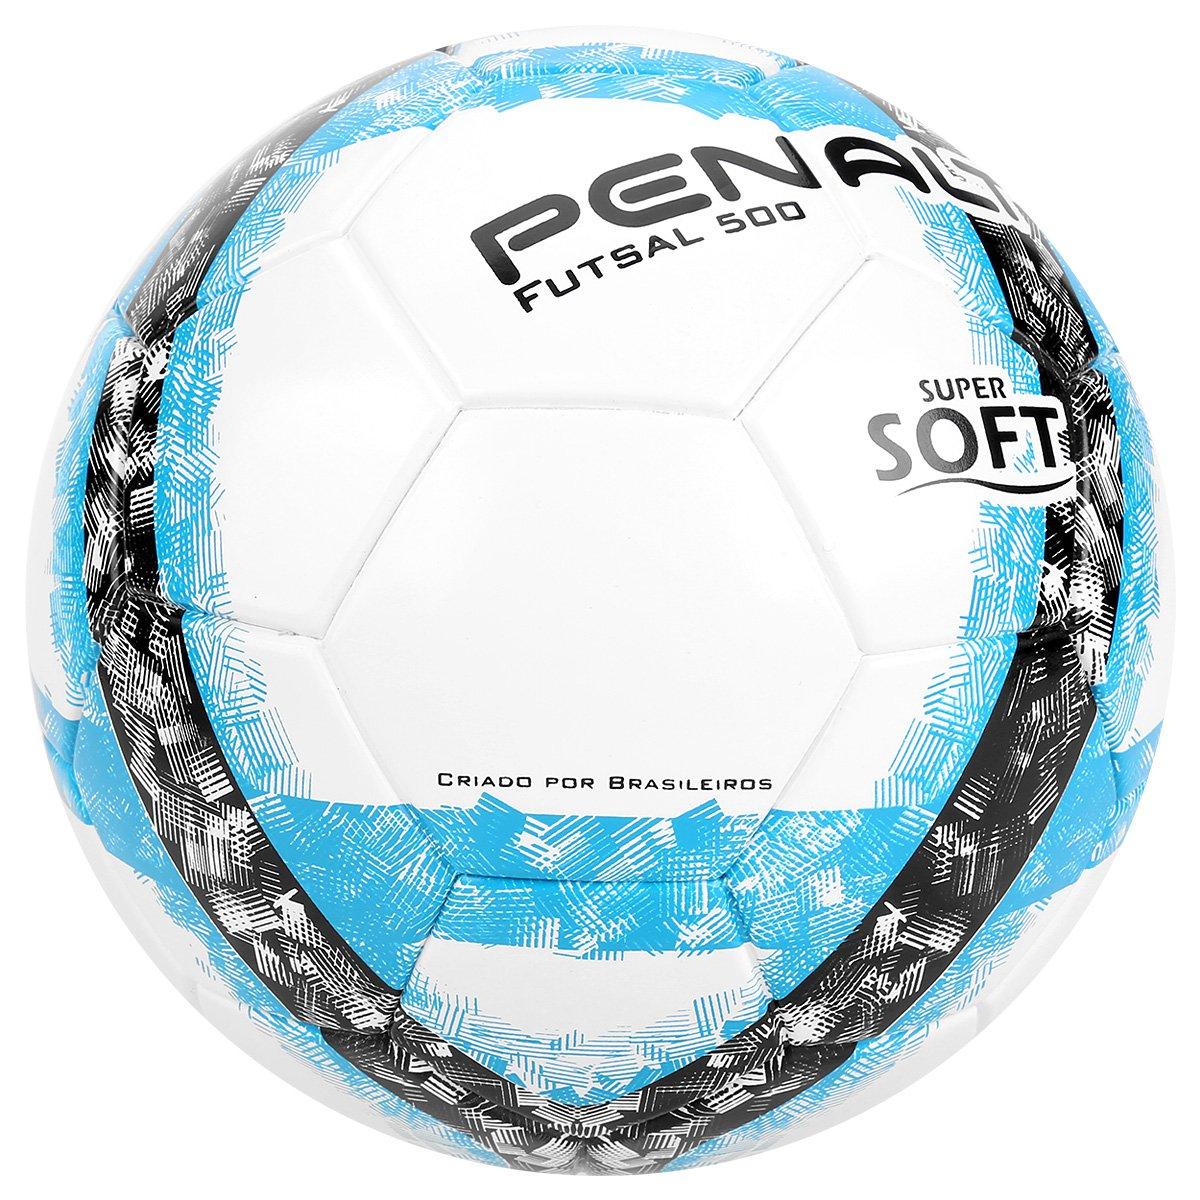 faa6a86d5c Bola Futsal Penalty Ultra Fusion 7 - Compre Agora